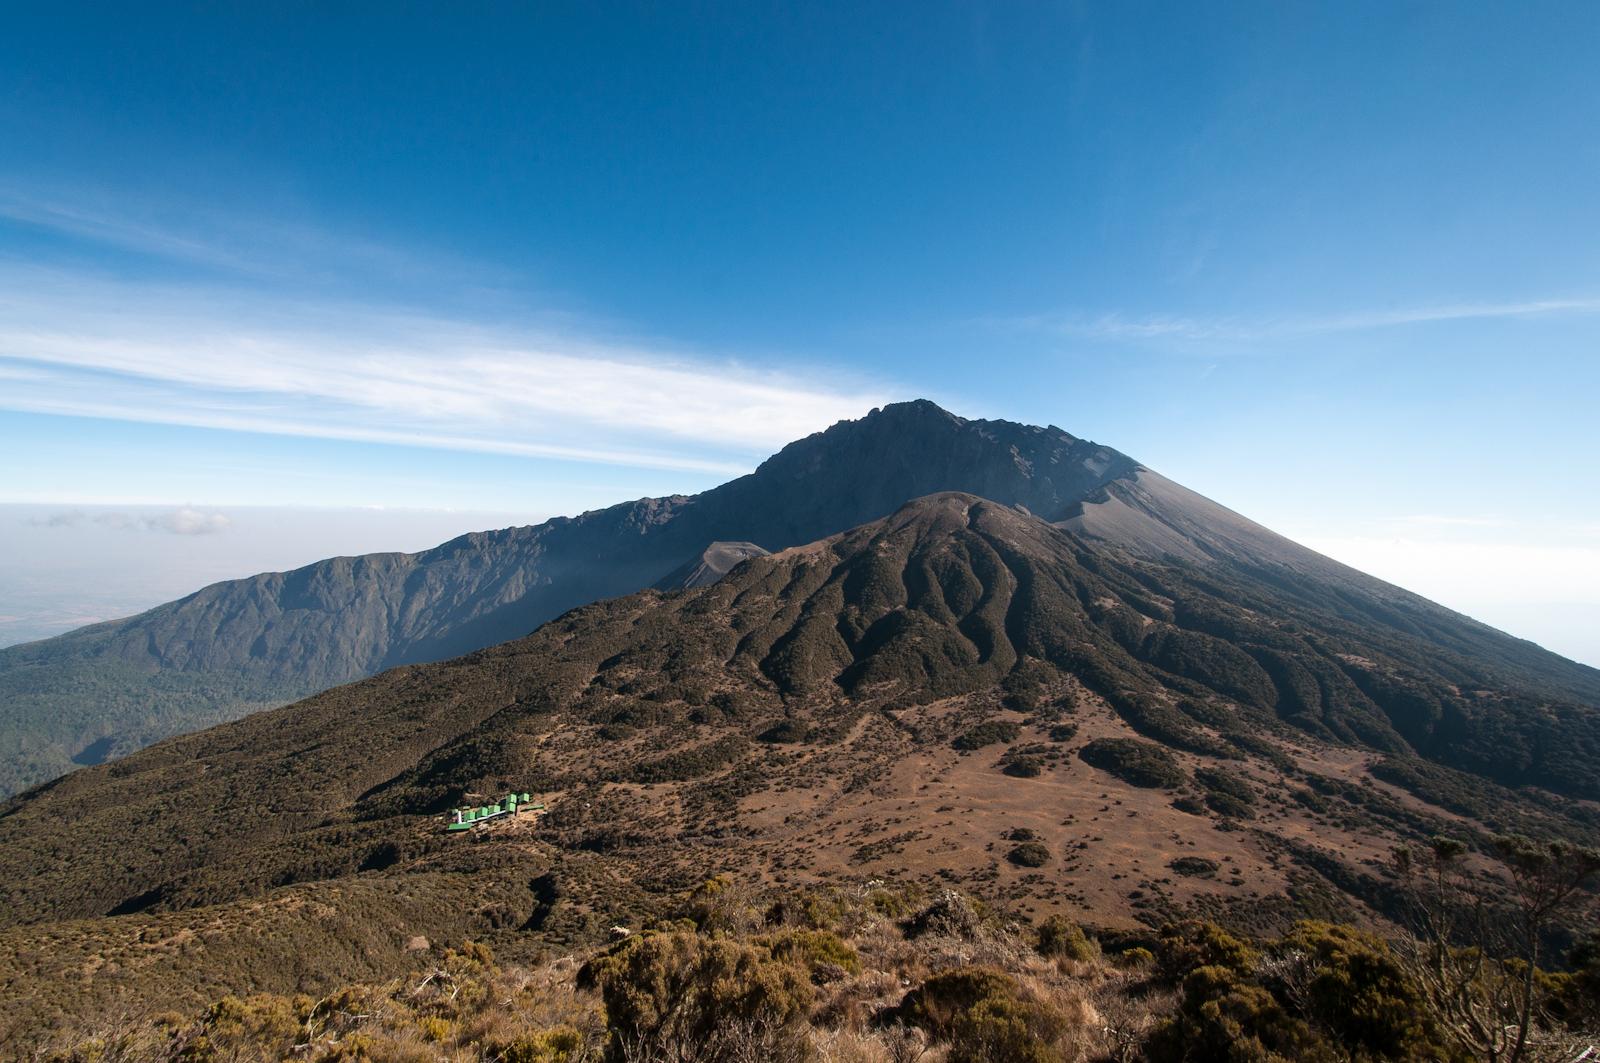 Climb Mount Meru in Tanzania